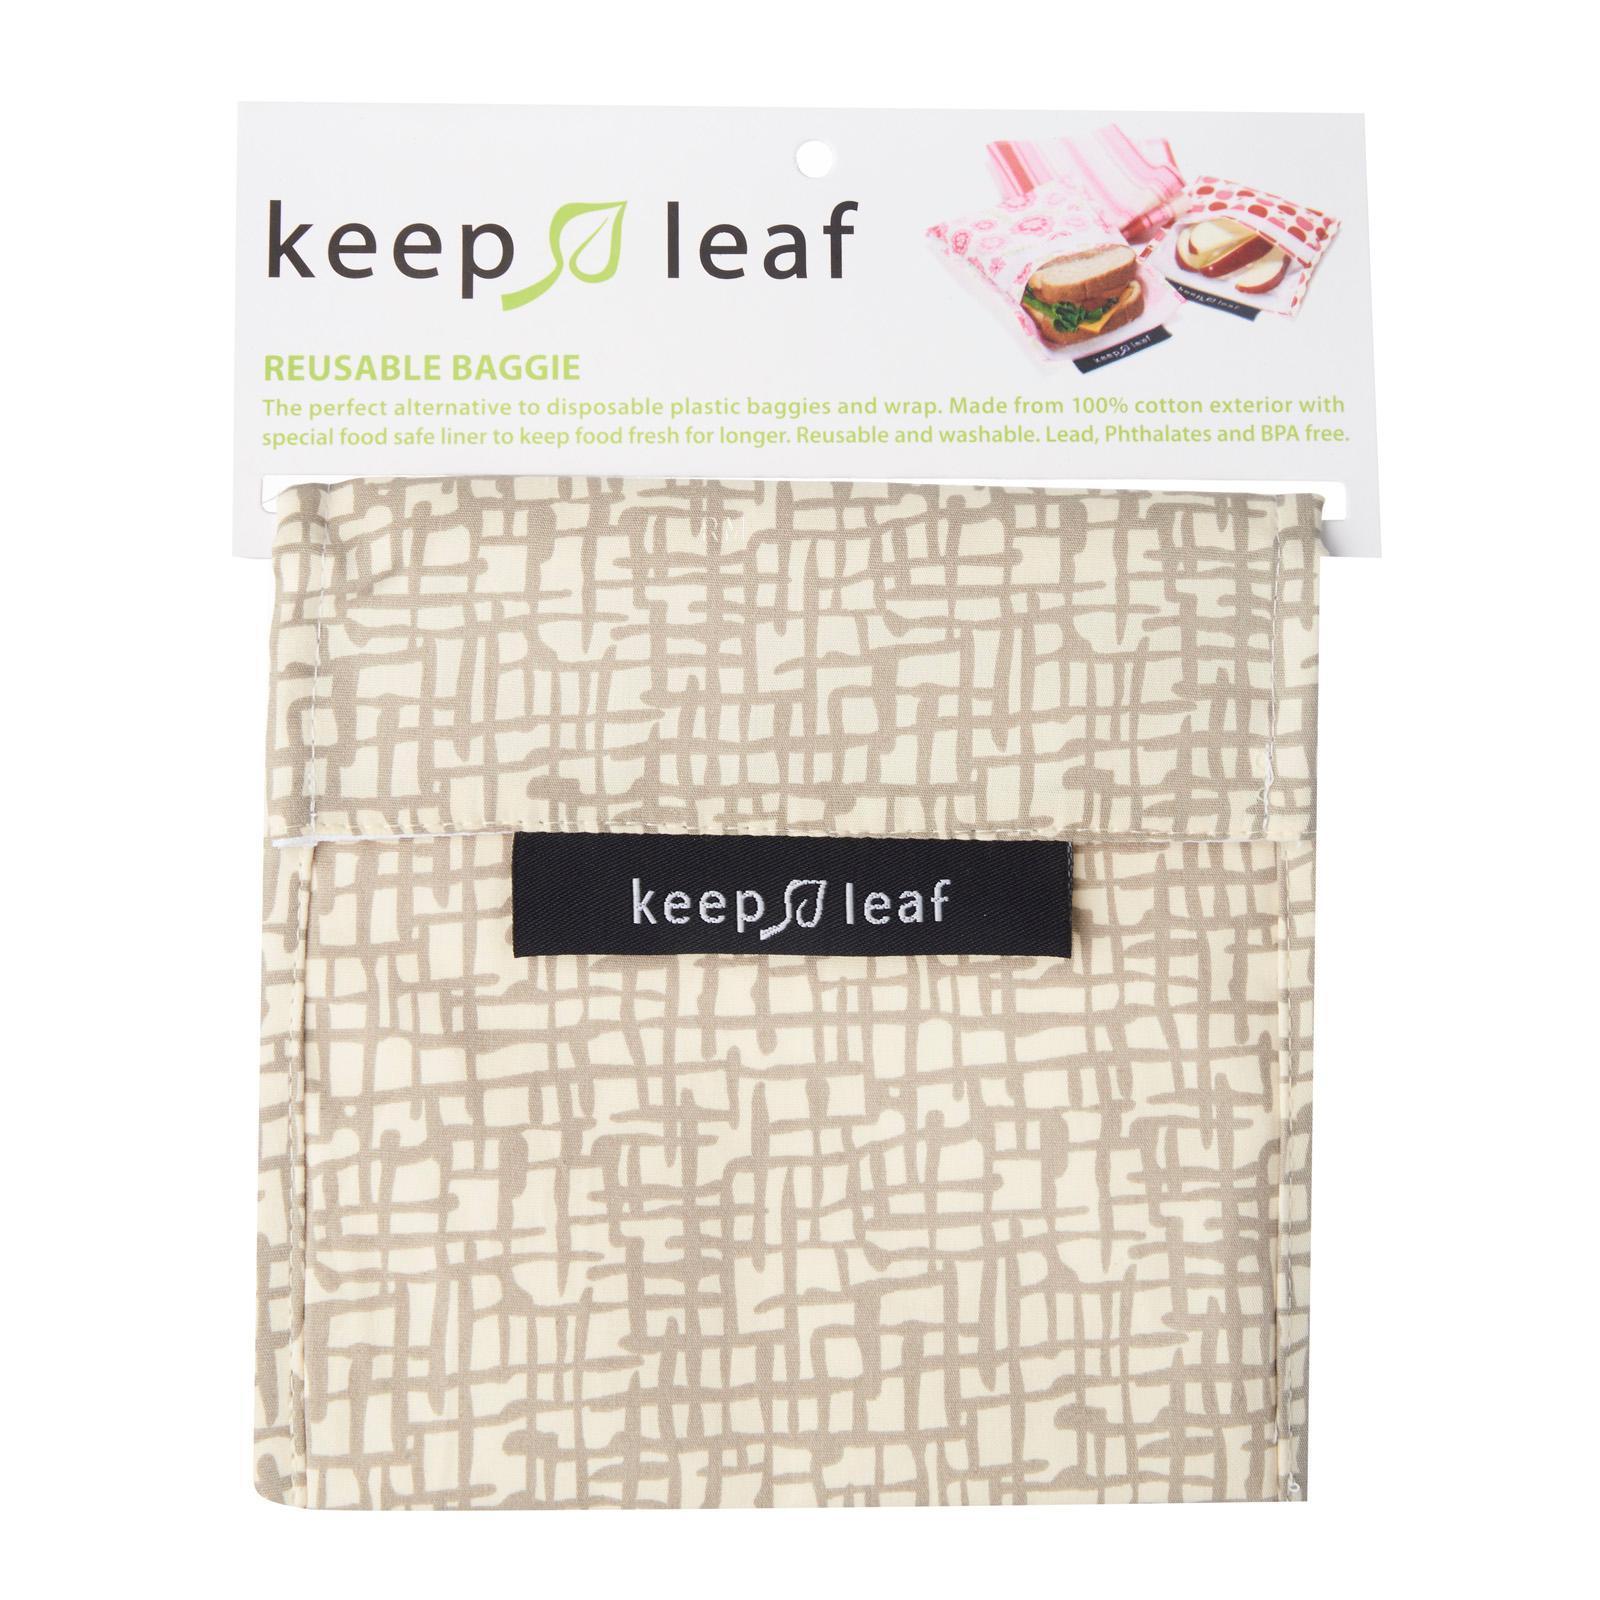 Keep Leaf Reusable Snack Bag (Large) - Mesh Design Sandwich Bag